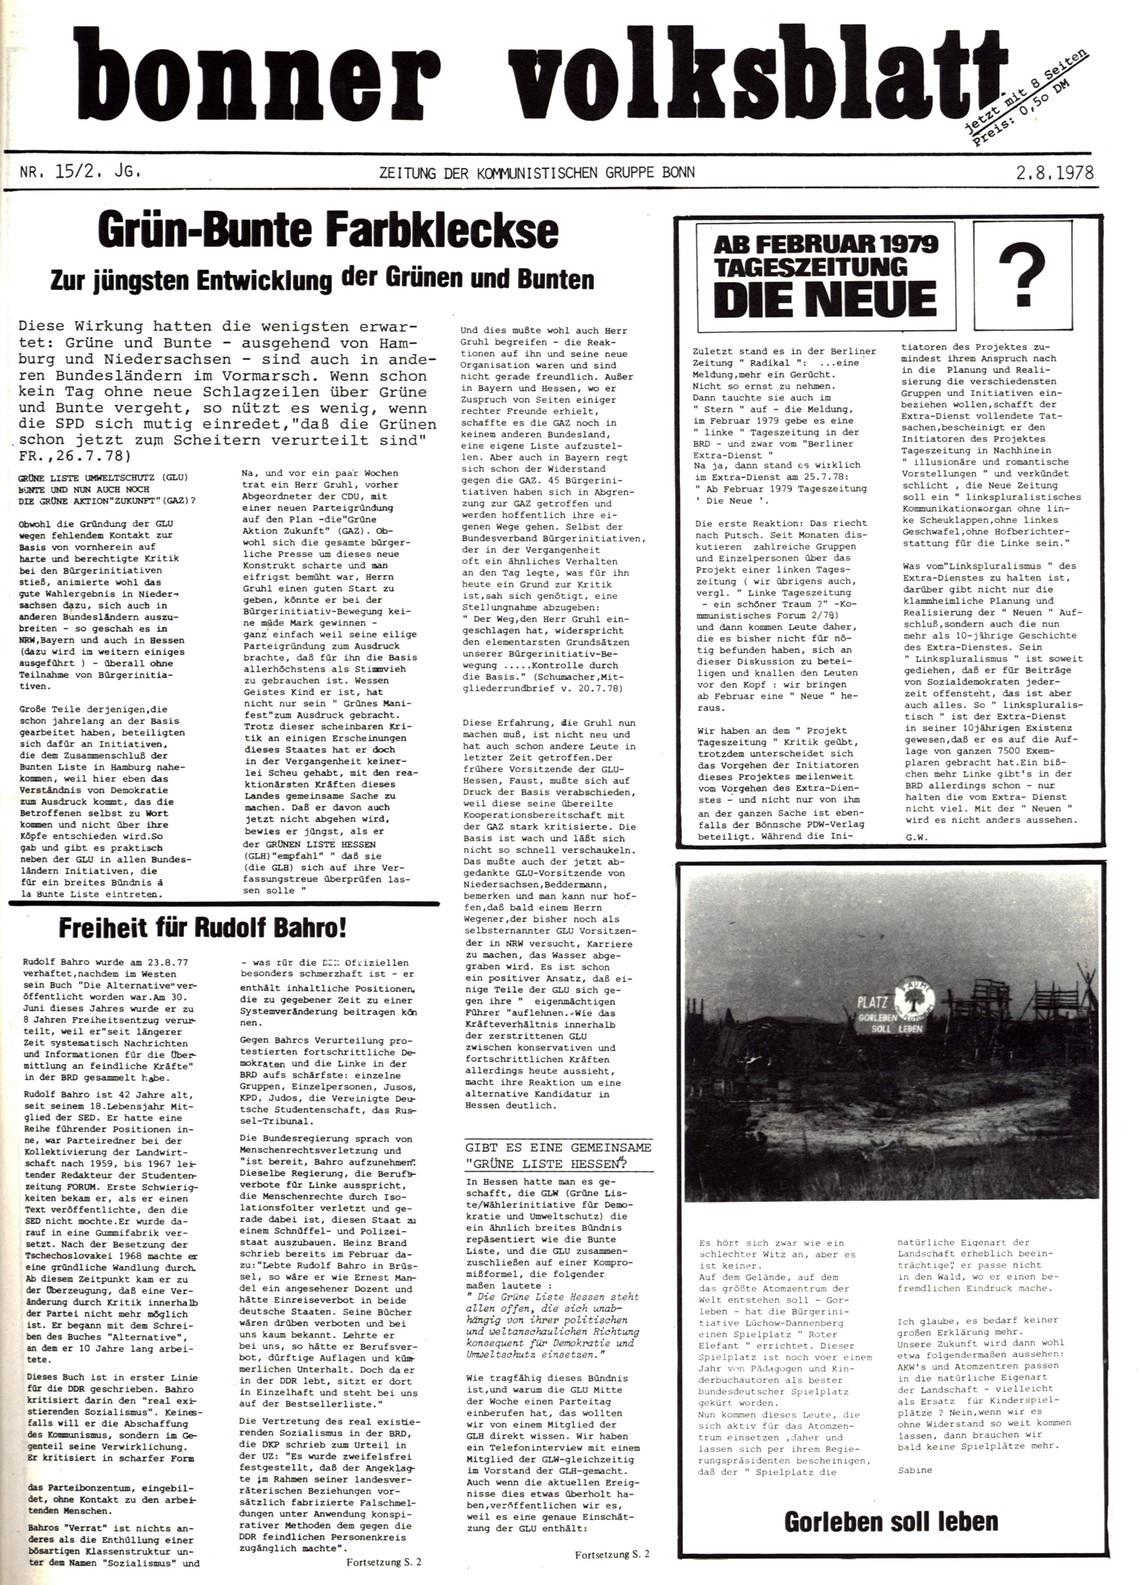 Bonner_Volksblatt_15_19780802_01